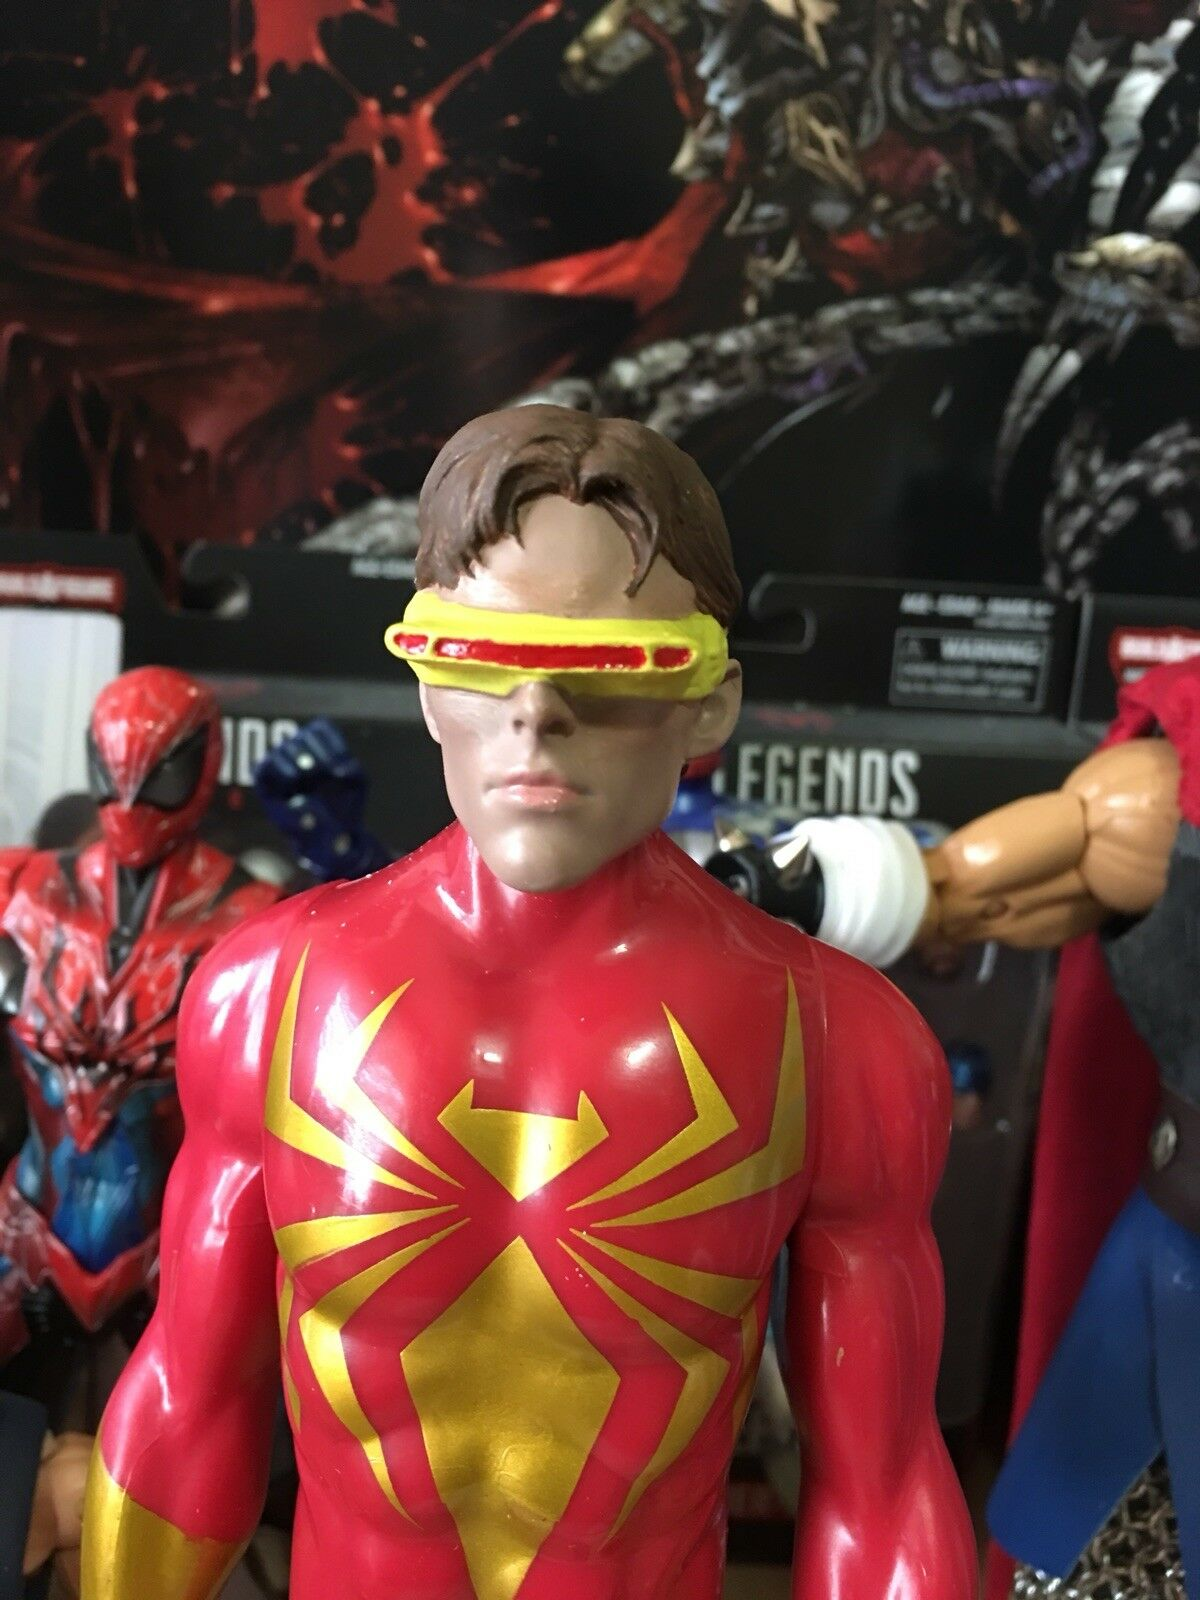 Der x - men - 1   6 - skala headsculpt individuell lackiert